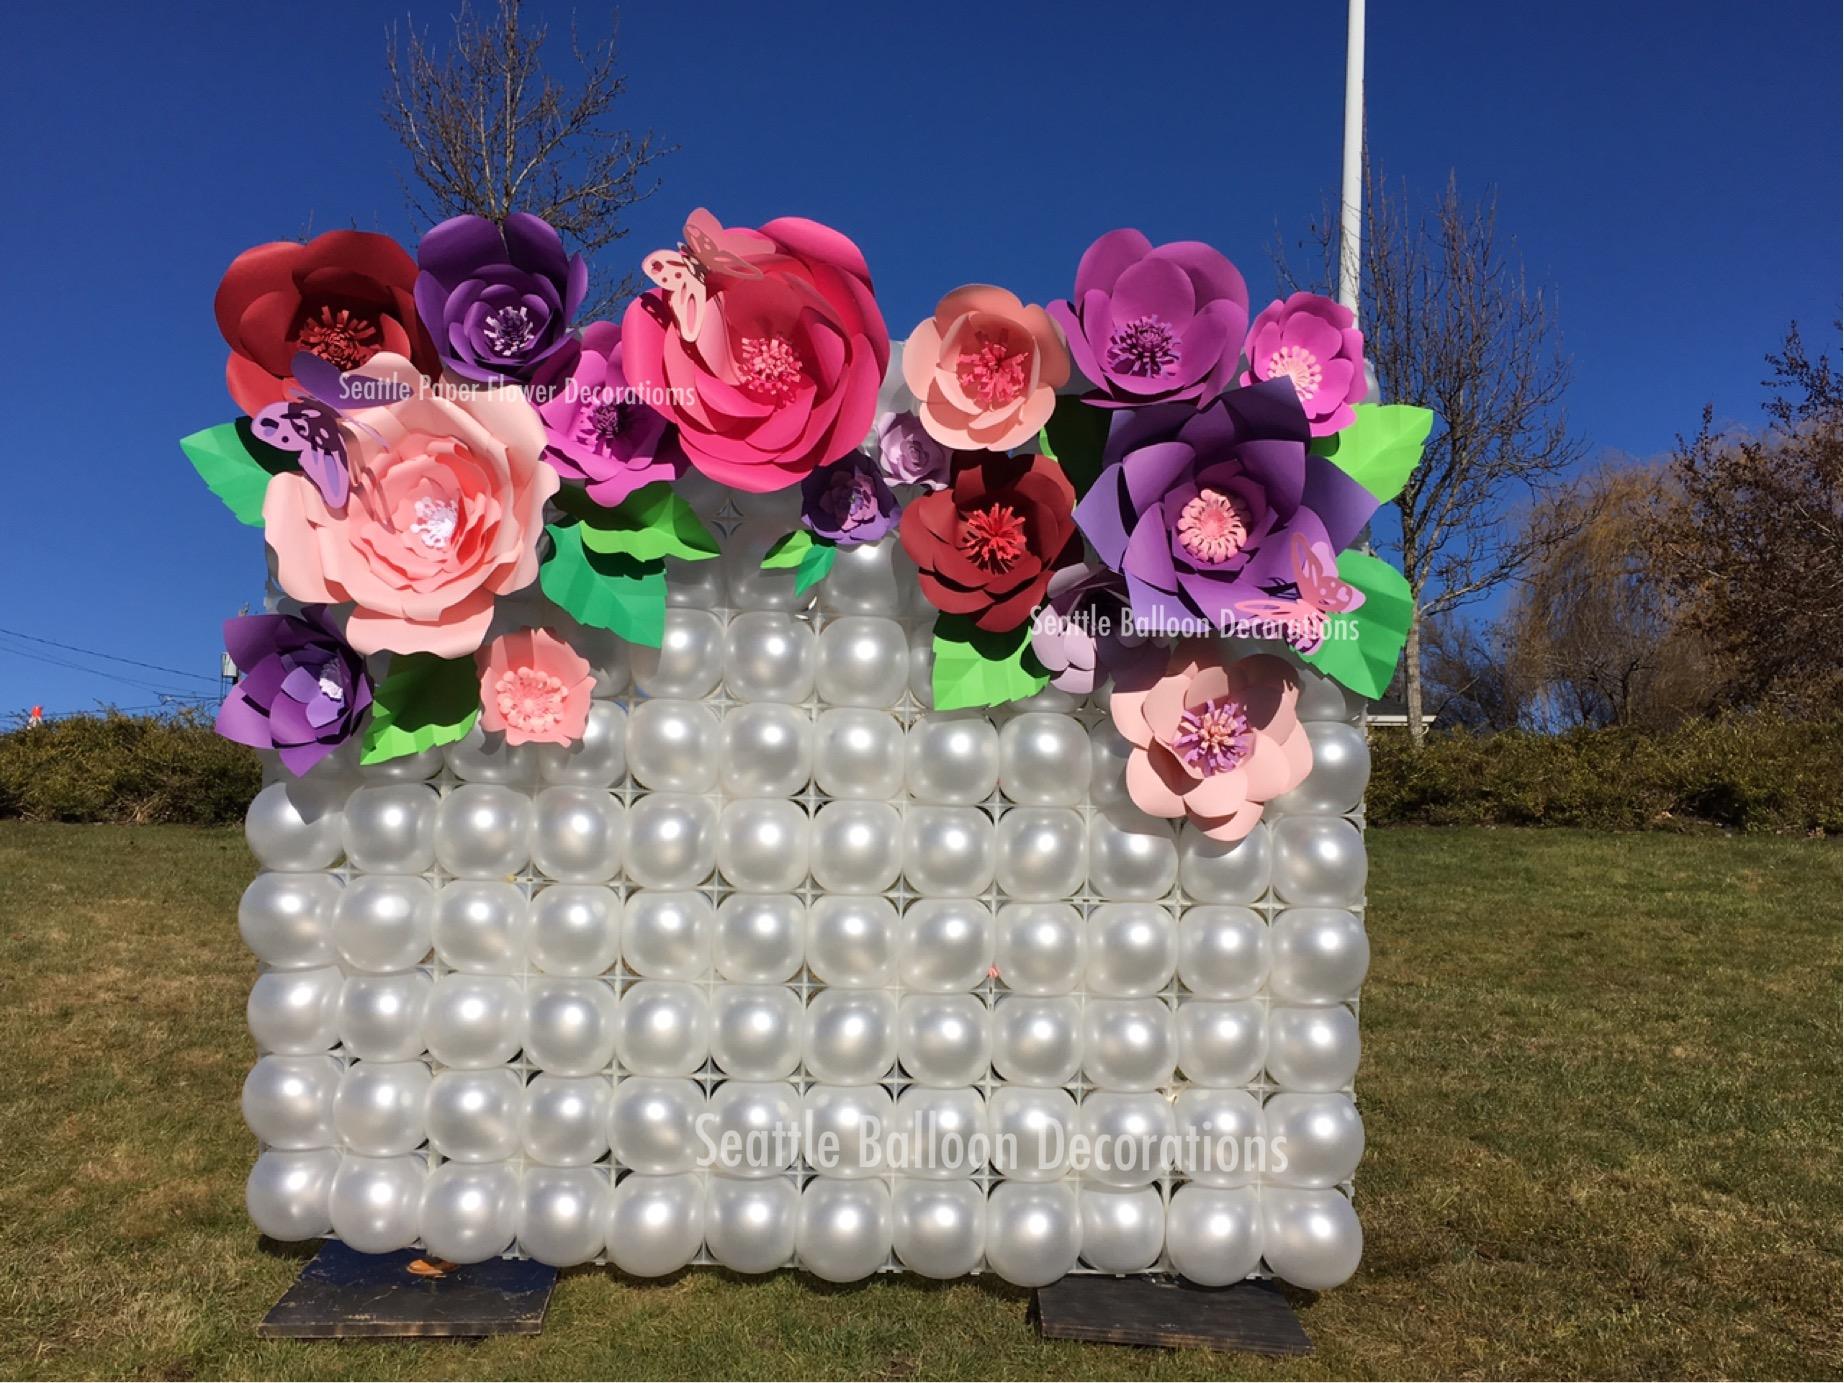 Seattle Balloon Decorations